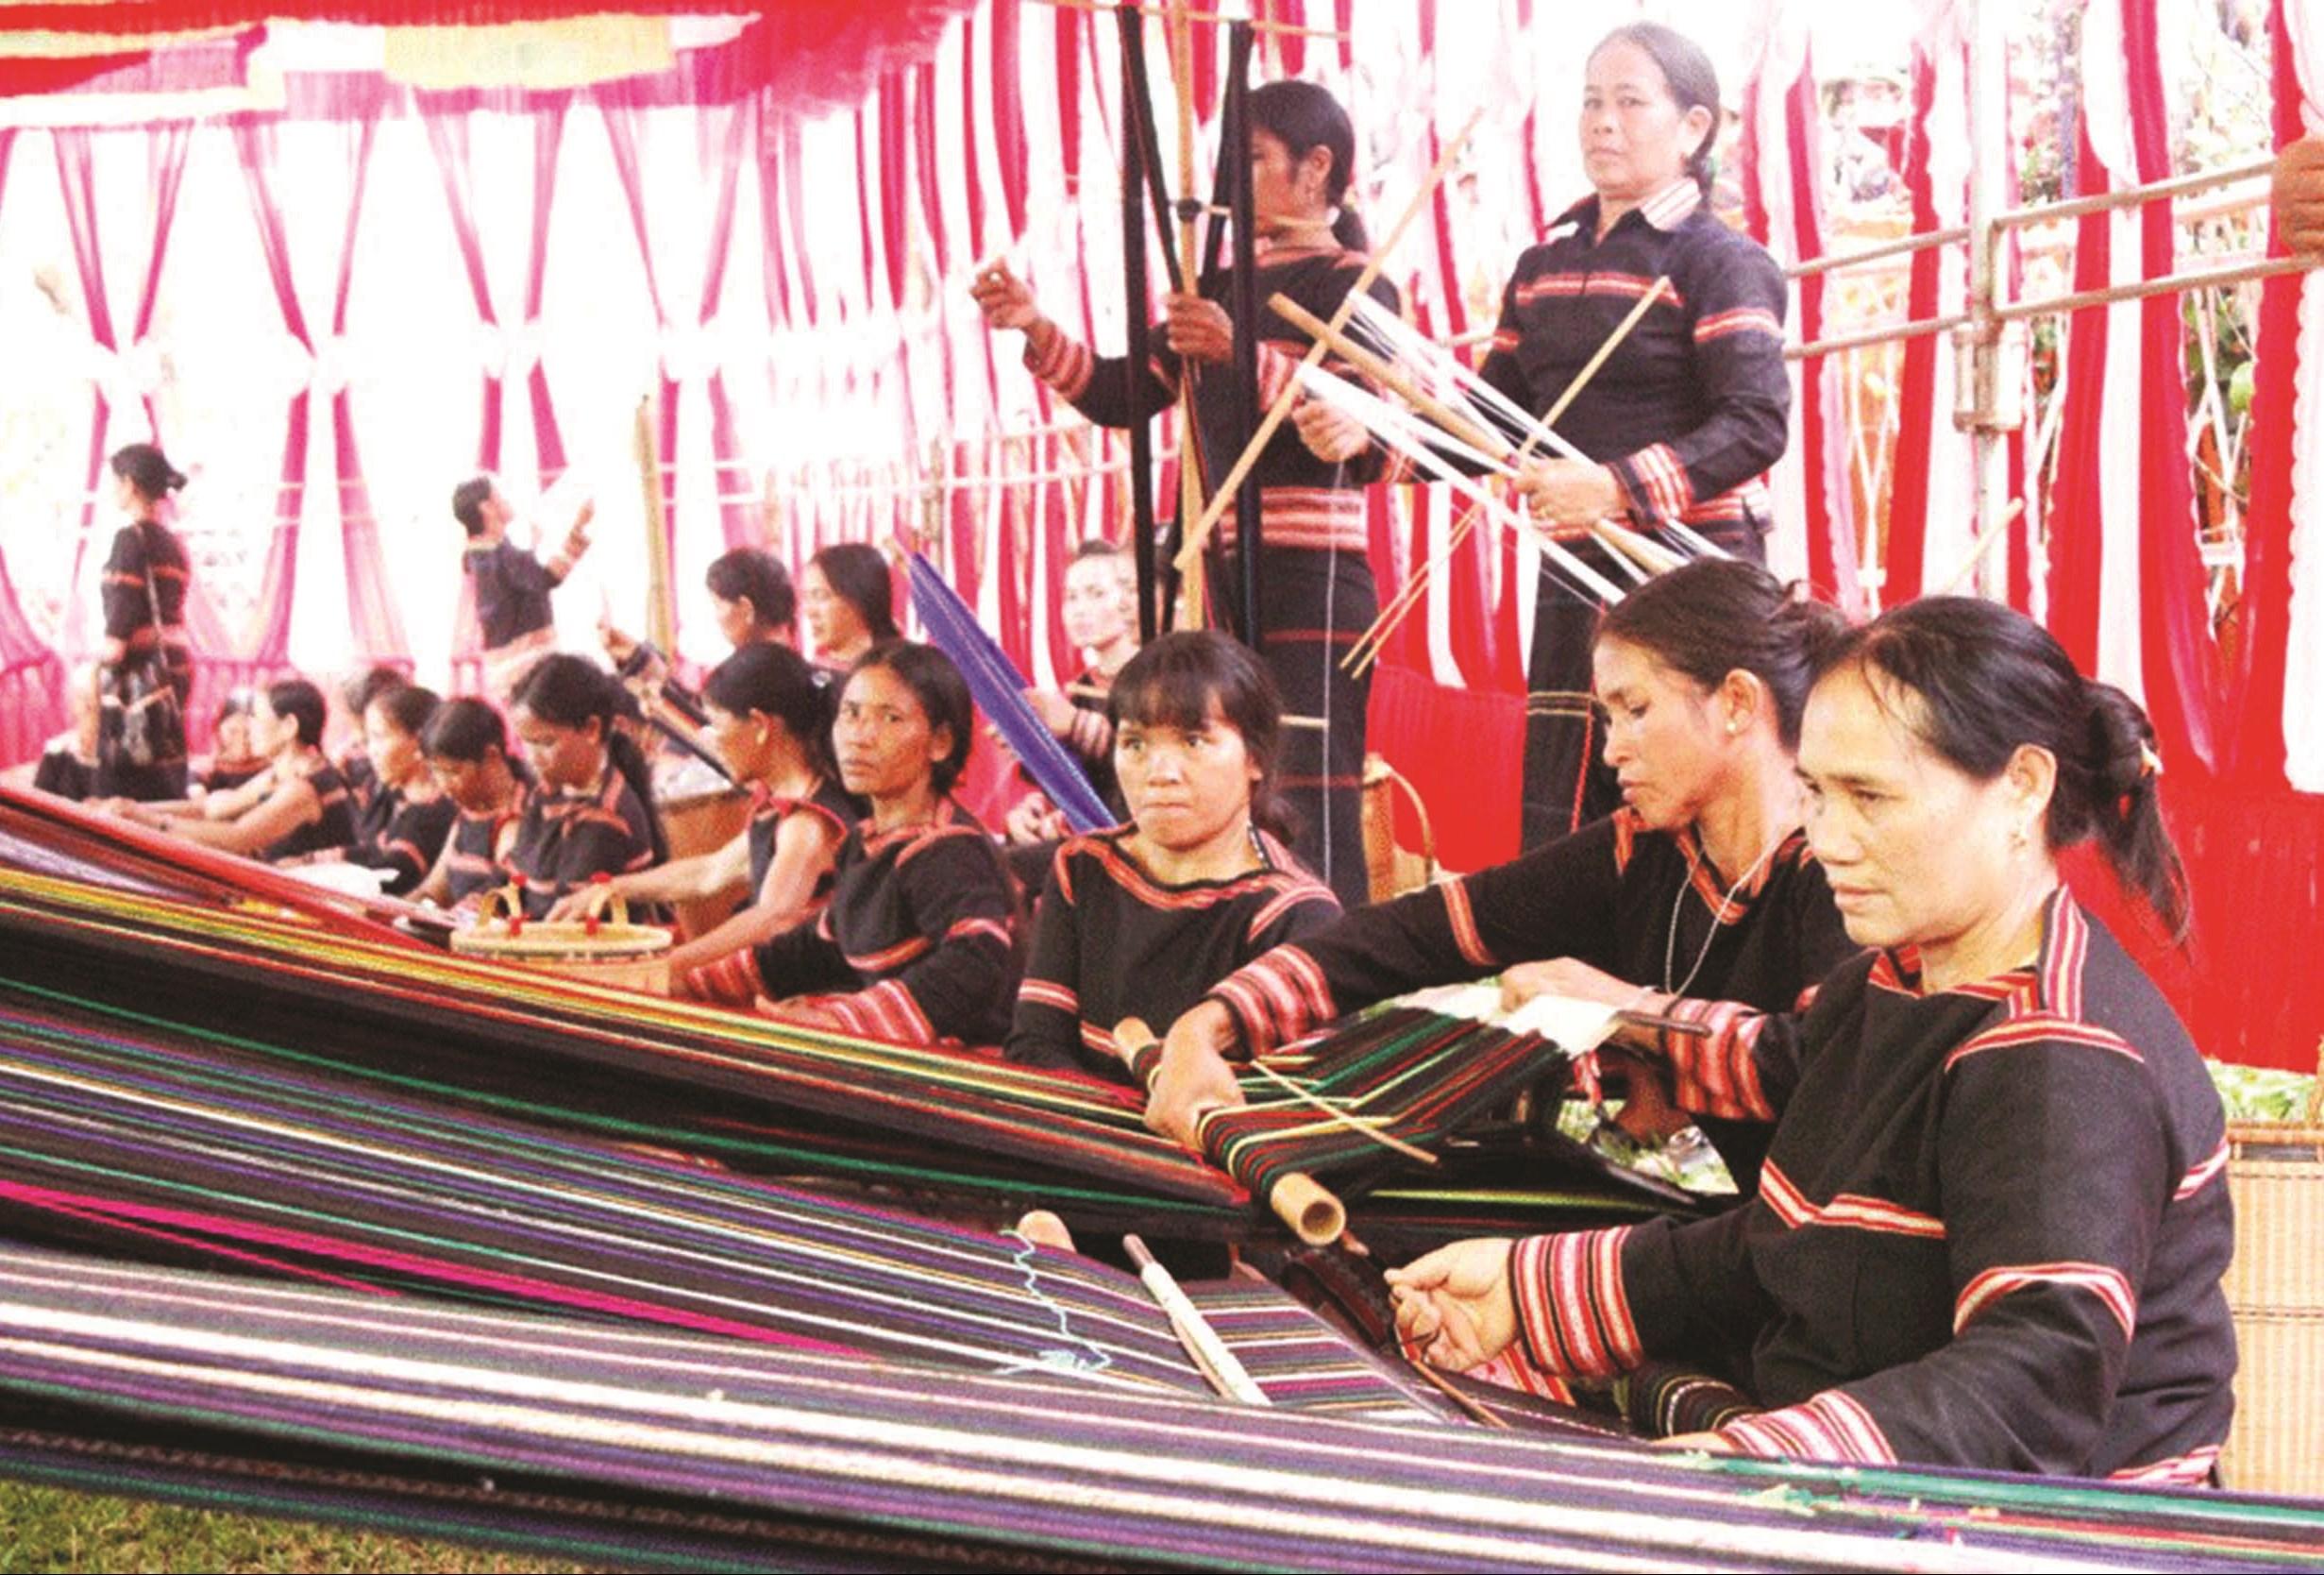 Phụ nữ Jrai ở Ia Ka - Gia Lai vẫn miệt mài với nghề dệt thổ cẩm truyền thống